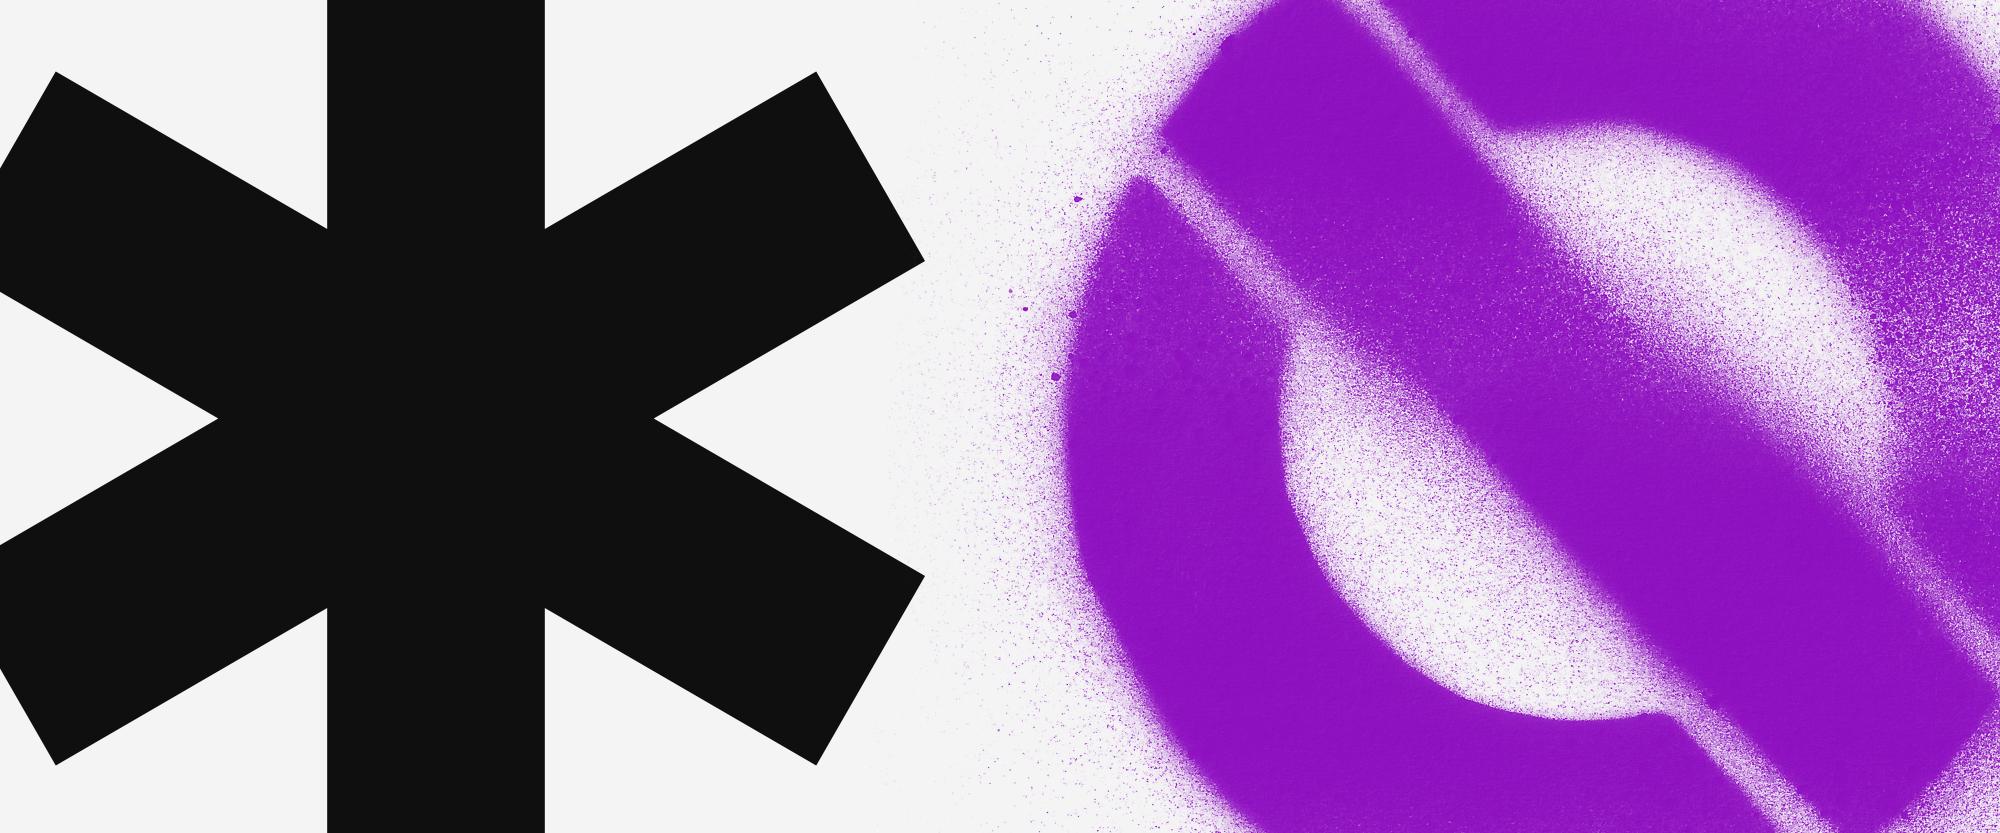 Imagem mostra um asterisco e um símbolo de pare, em roxo, pichado ao lado. O símbolo é um círculo com um risco no meio.